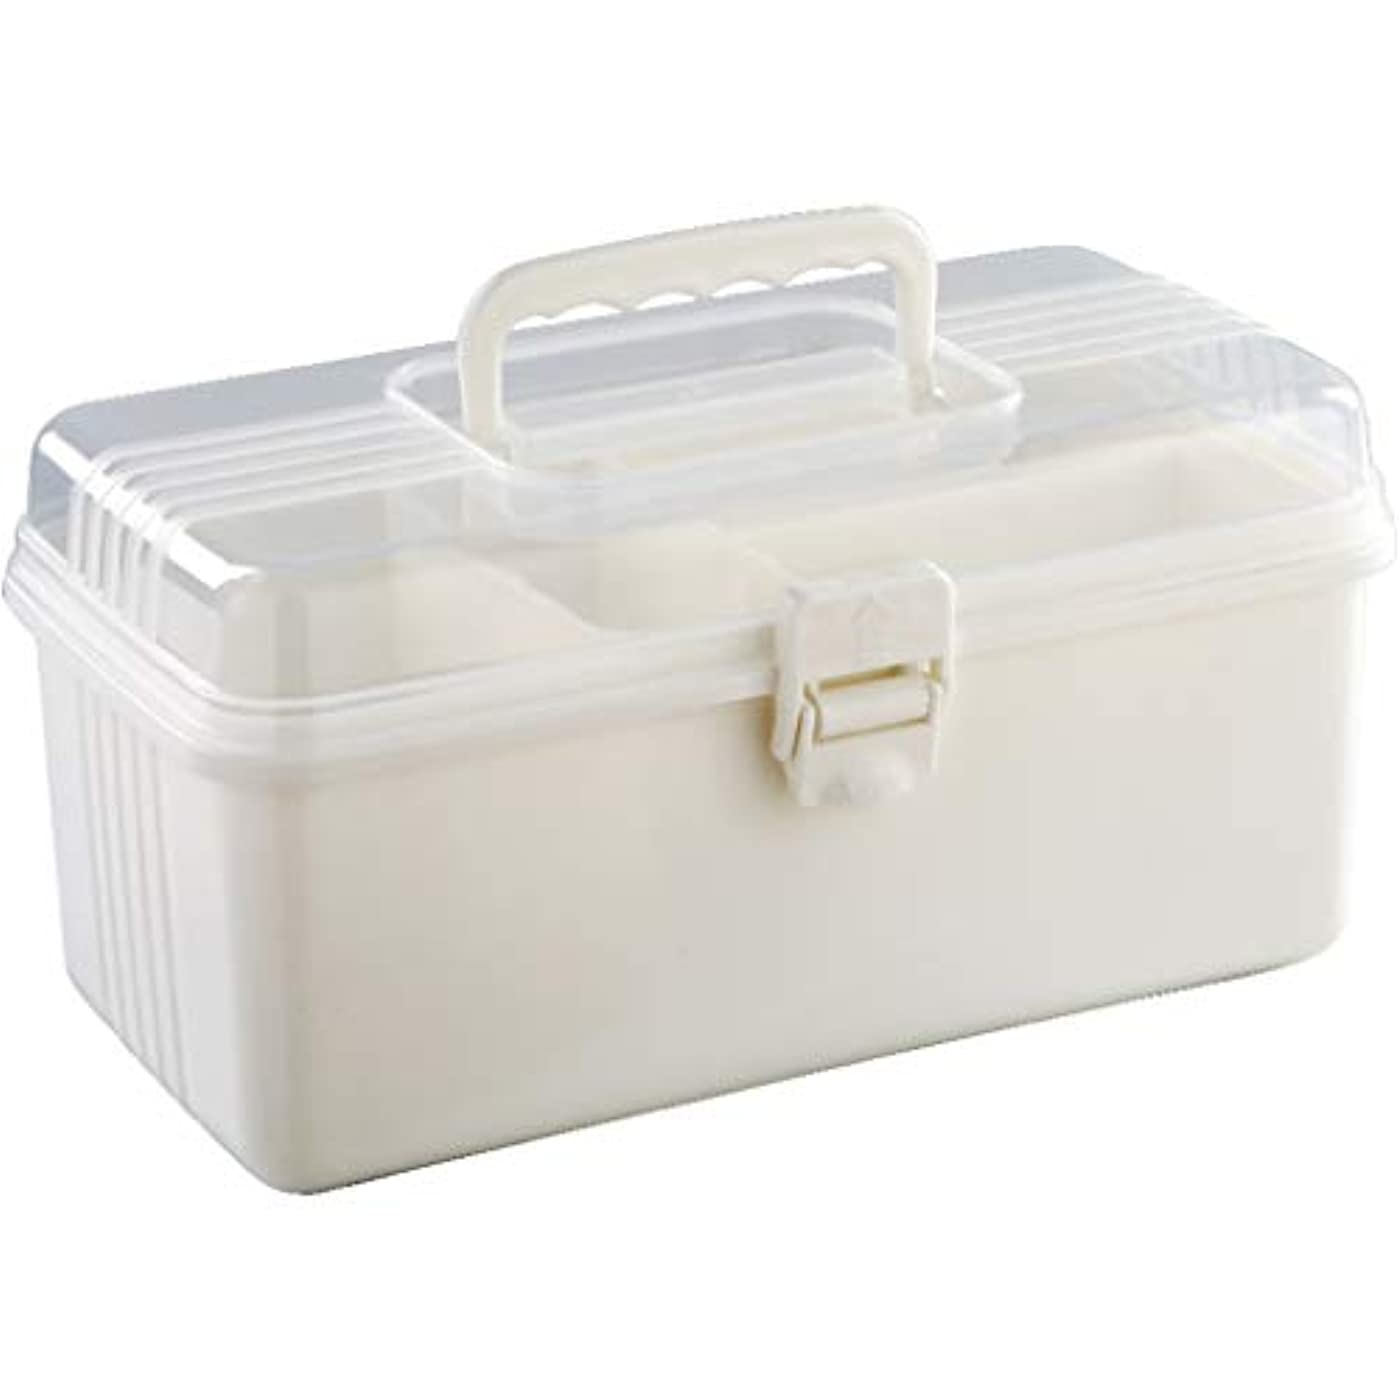 散る創傷軸多機能家庭用家庭用薬箱多層薬収納ボックス大型プラスチック子供用薬箱 LIUXIN (Color : White, Size : 28cm×15cm×13cm)